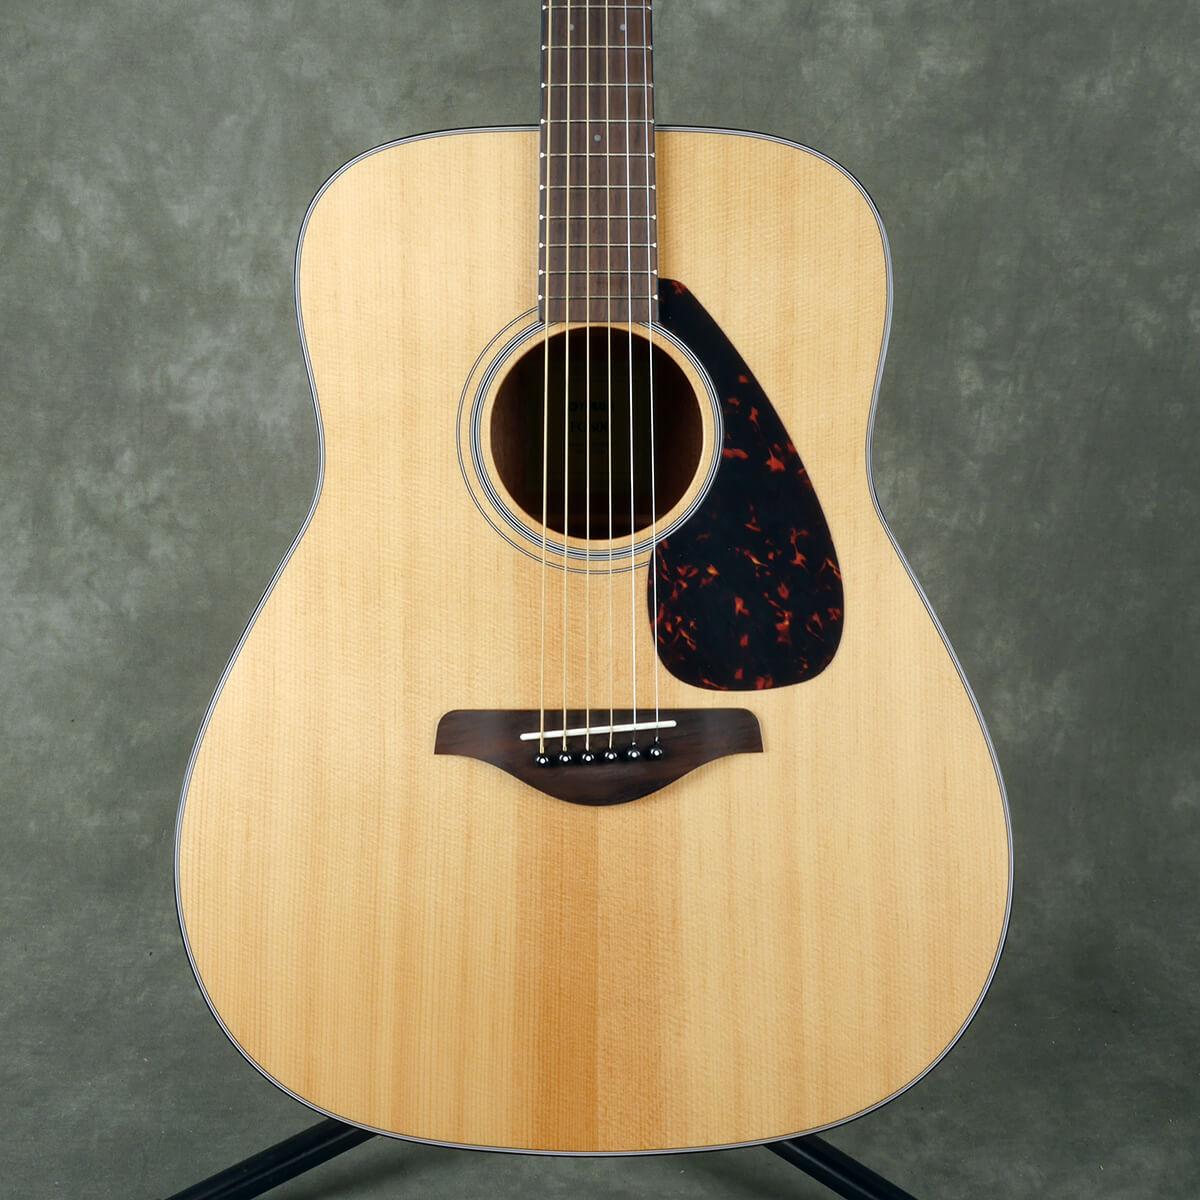 Yamaha FG800 Acoustic Guitar - Natural - 2nd Hand